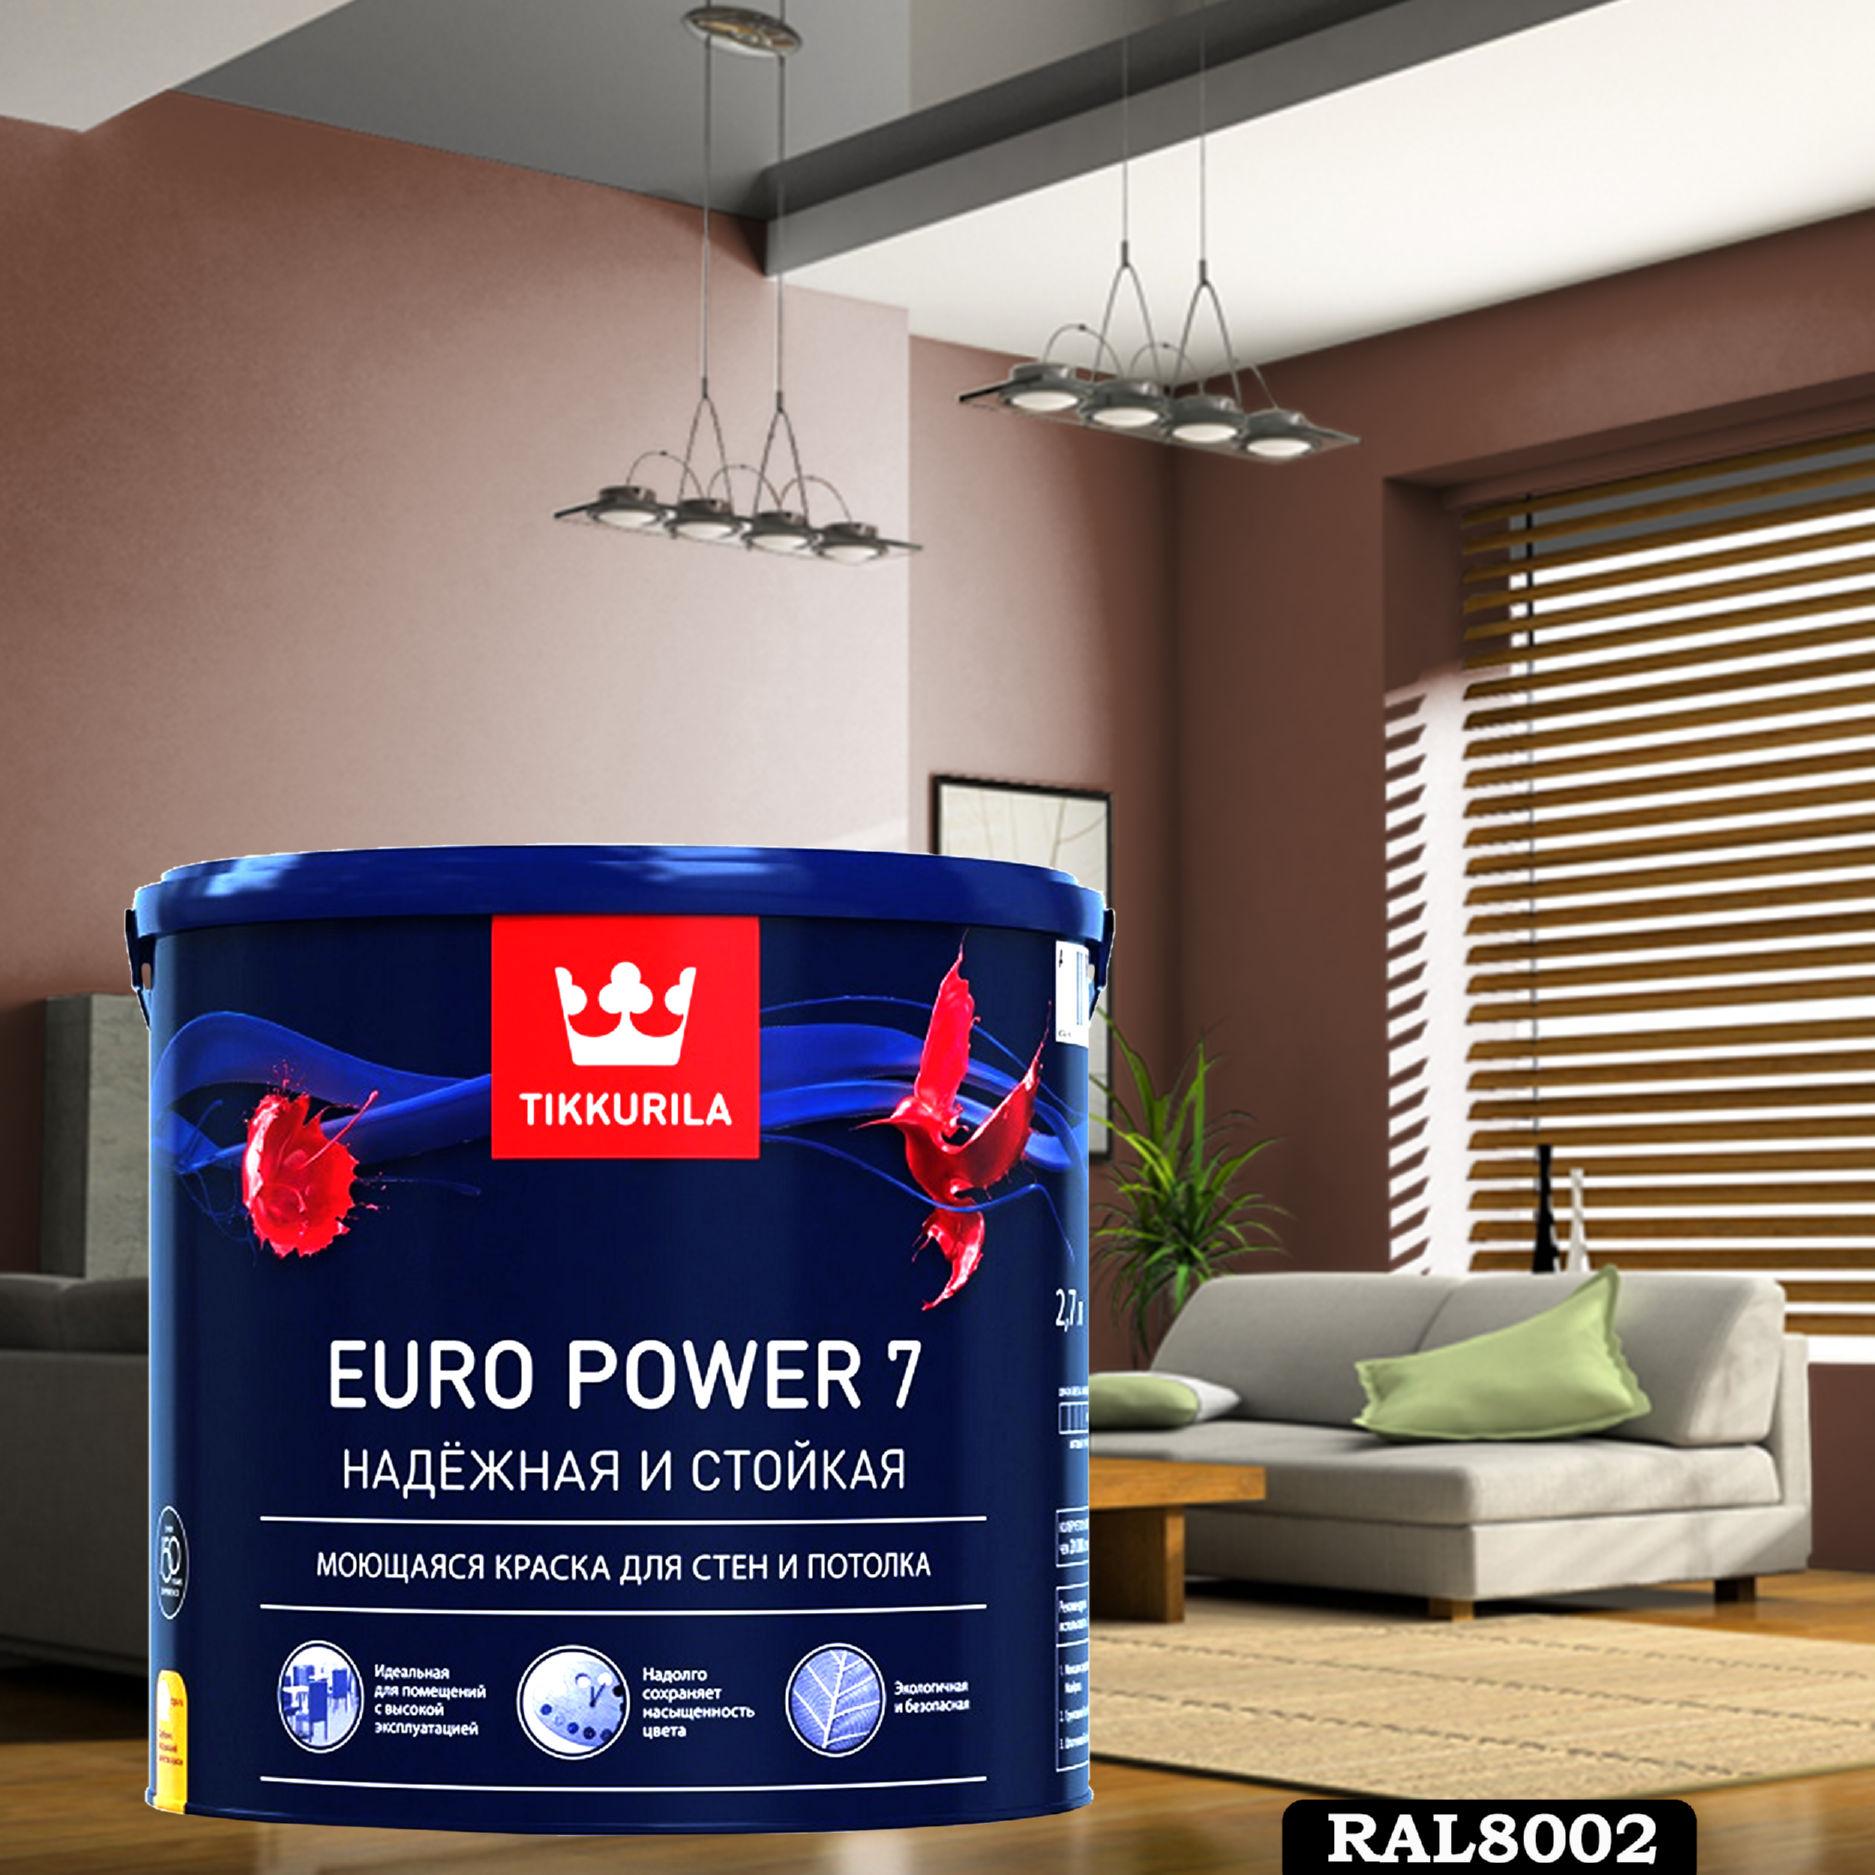 Фото 3 - Краска TIKKURILA Euro Power 7,  RAL 8002 Сигнальный-коричневый, латексная моющаяся матовая интерьерная, 9 л.